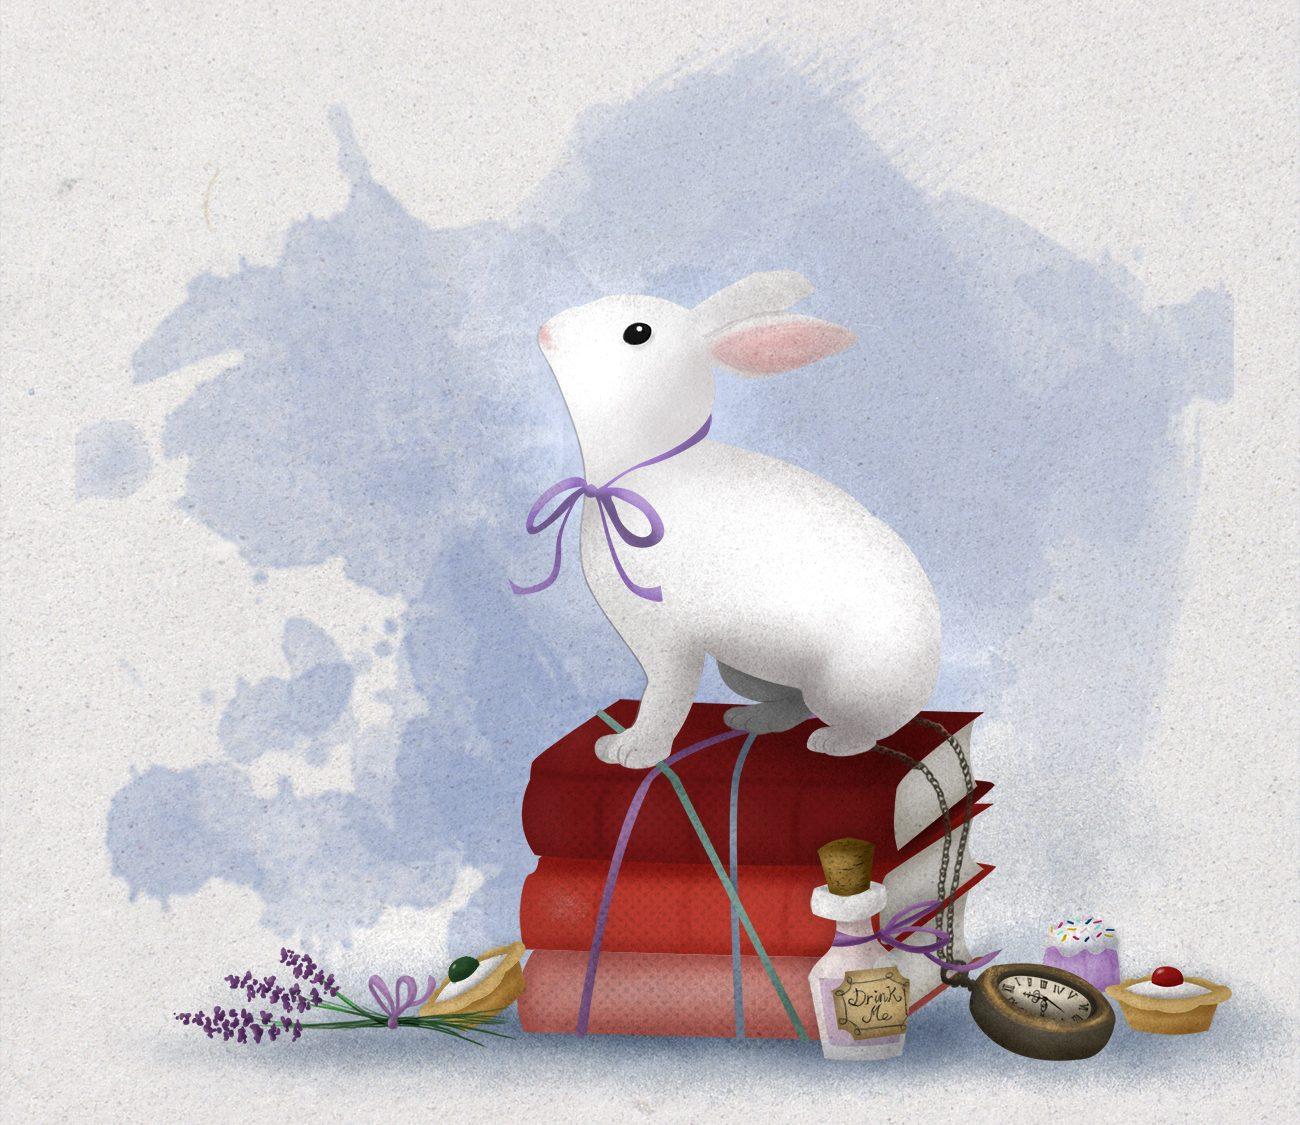 Telar de Libros Primer Aniversario - ilustración: Alicia Jiménez